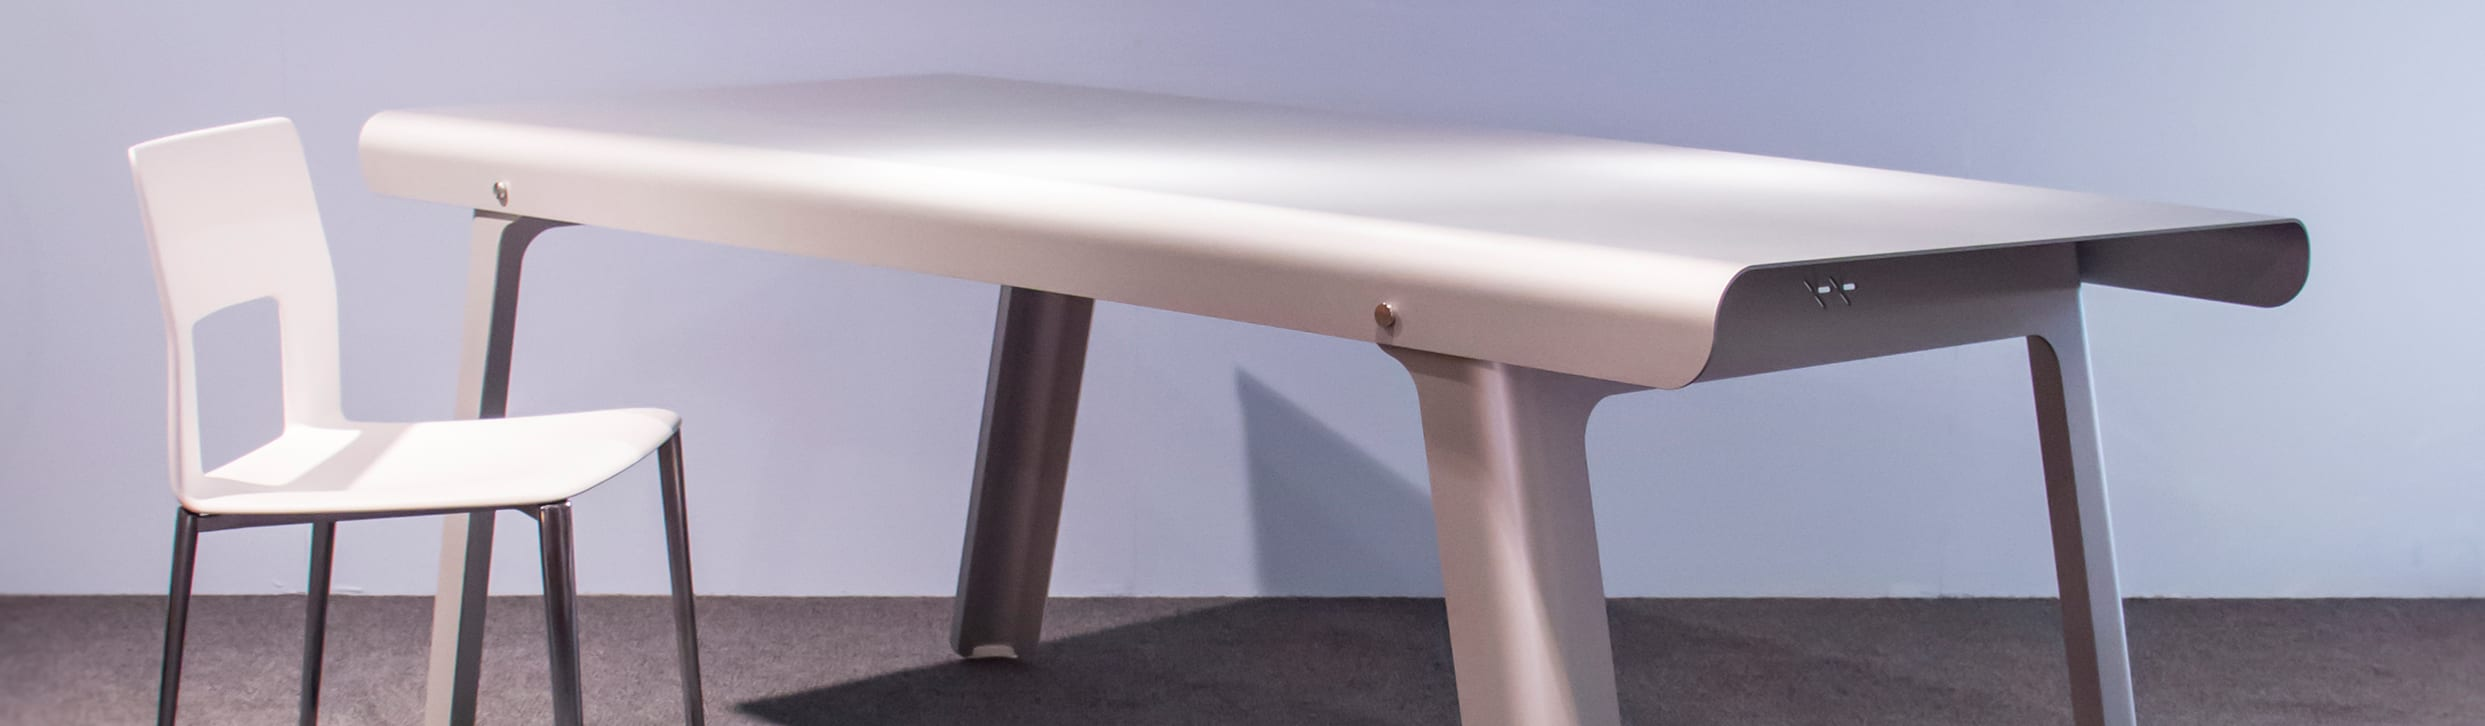 KK product design & interior